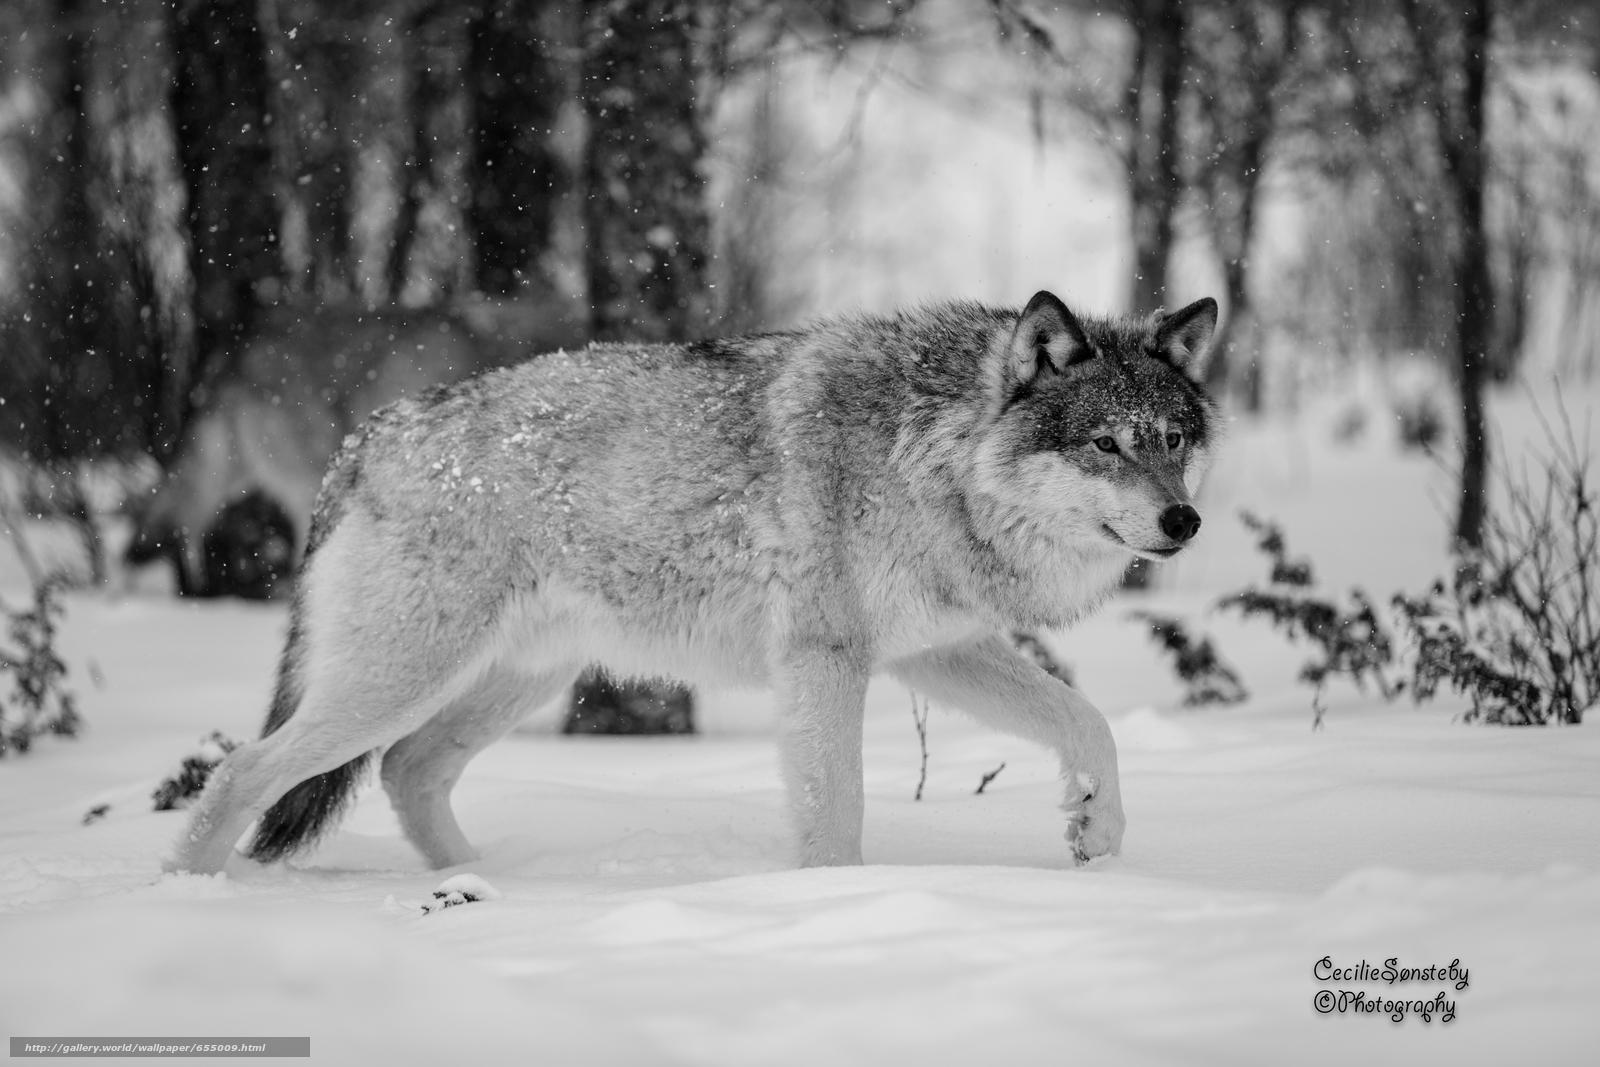 Tlcharger Fond d'ecran loup,  Wolves,  animaux,  hiver Fonds d'ecran gratuits pour votre rsolution du bureau 5760x3840 — image №655009